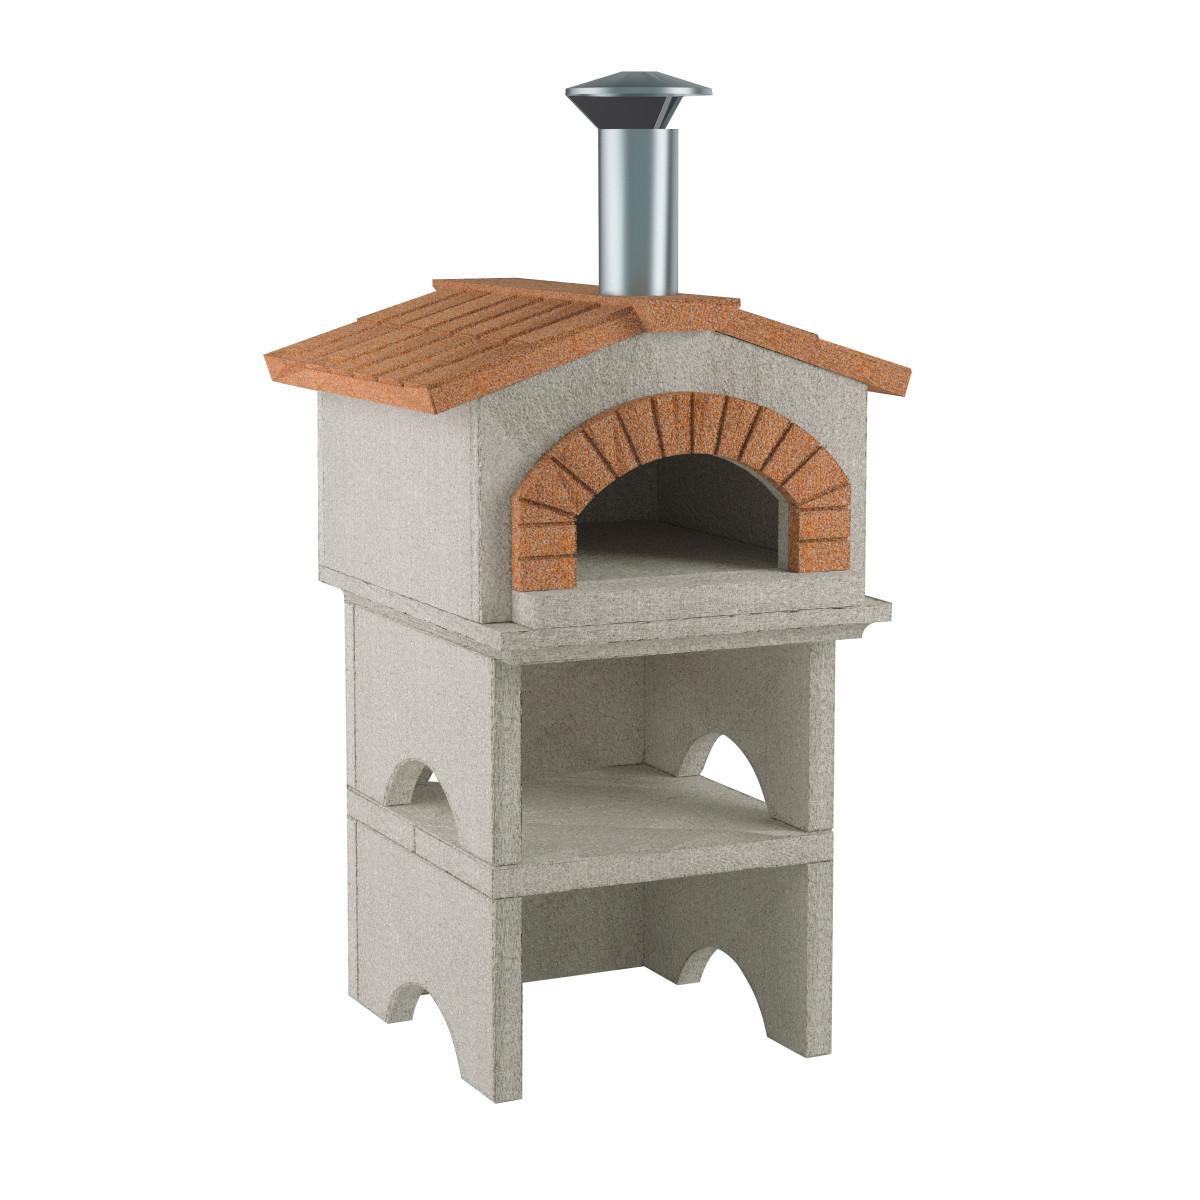 Forni in muratura: prezzi e offerte online per forni in muratura